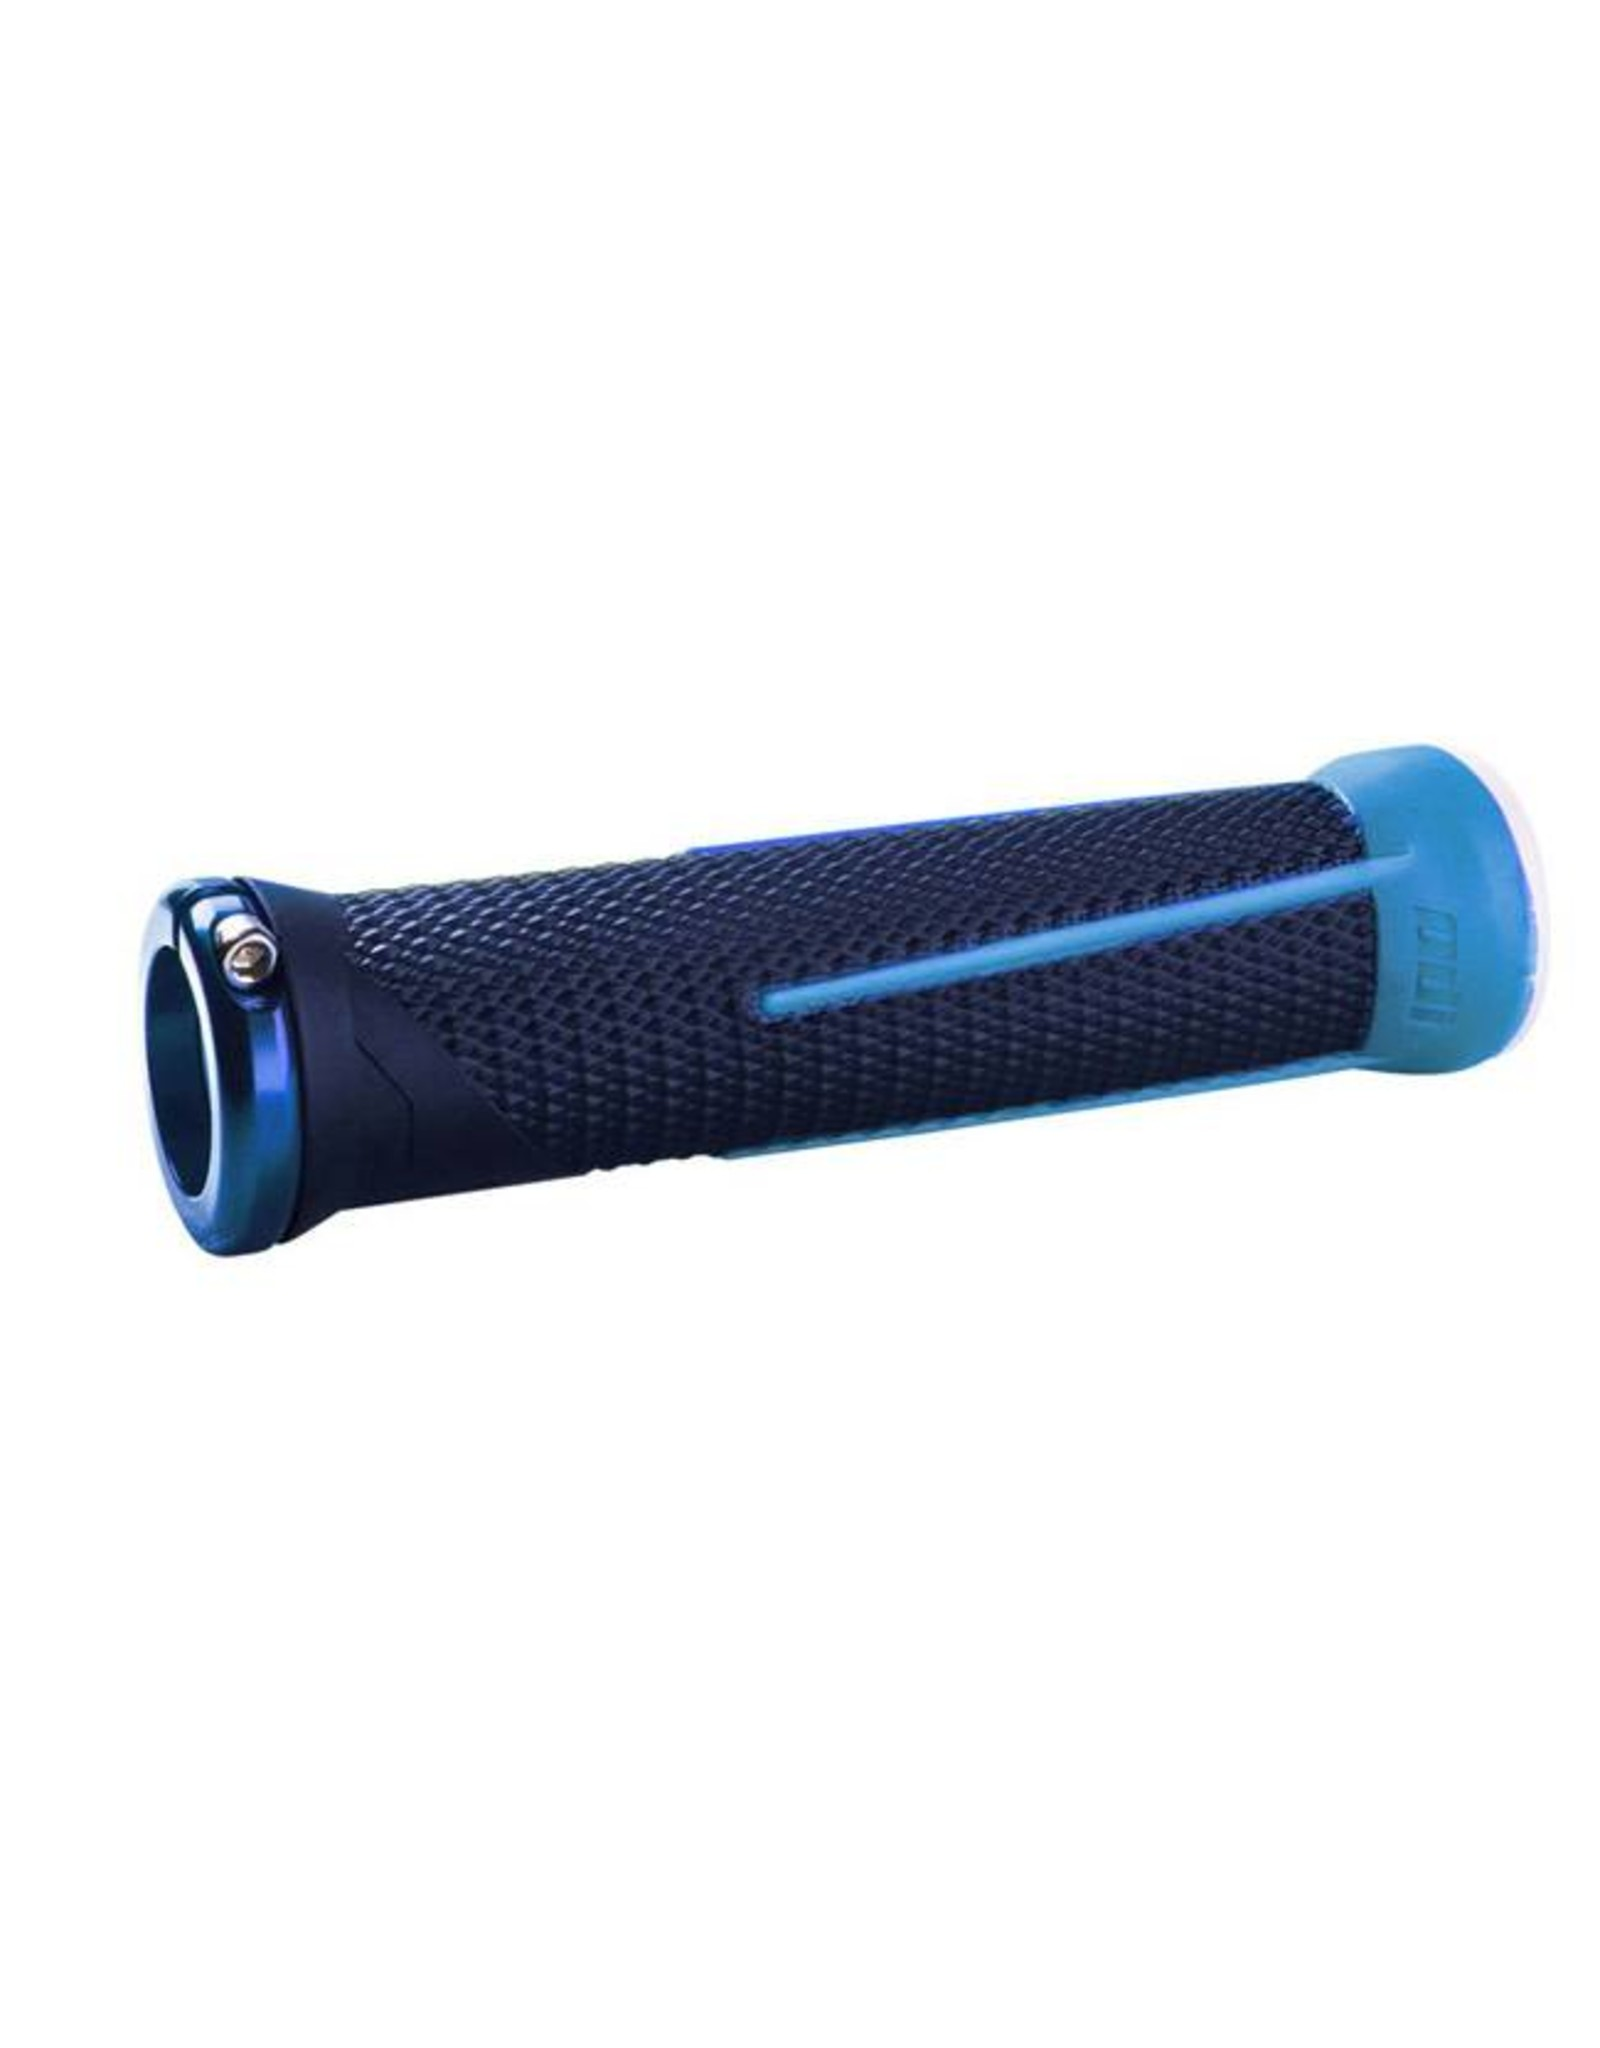 ODI ODI AG1 Lock-On Grips Aaron Gwin 135mm Blue/Light Blue